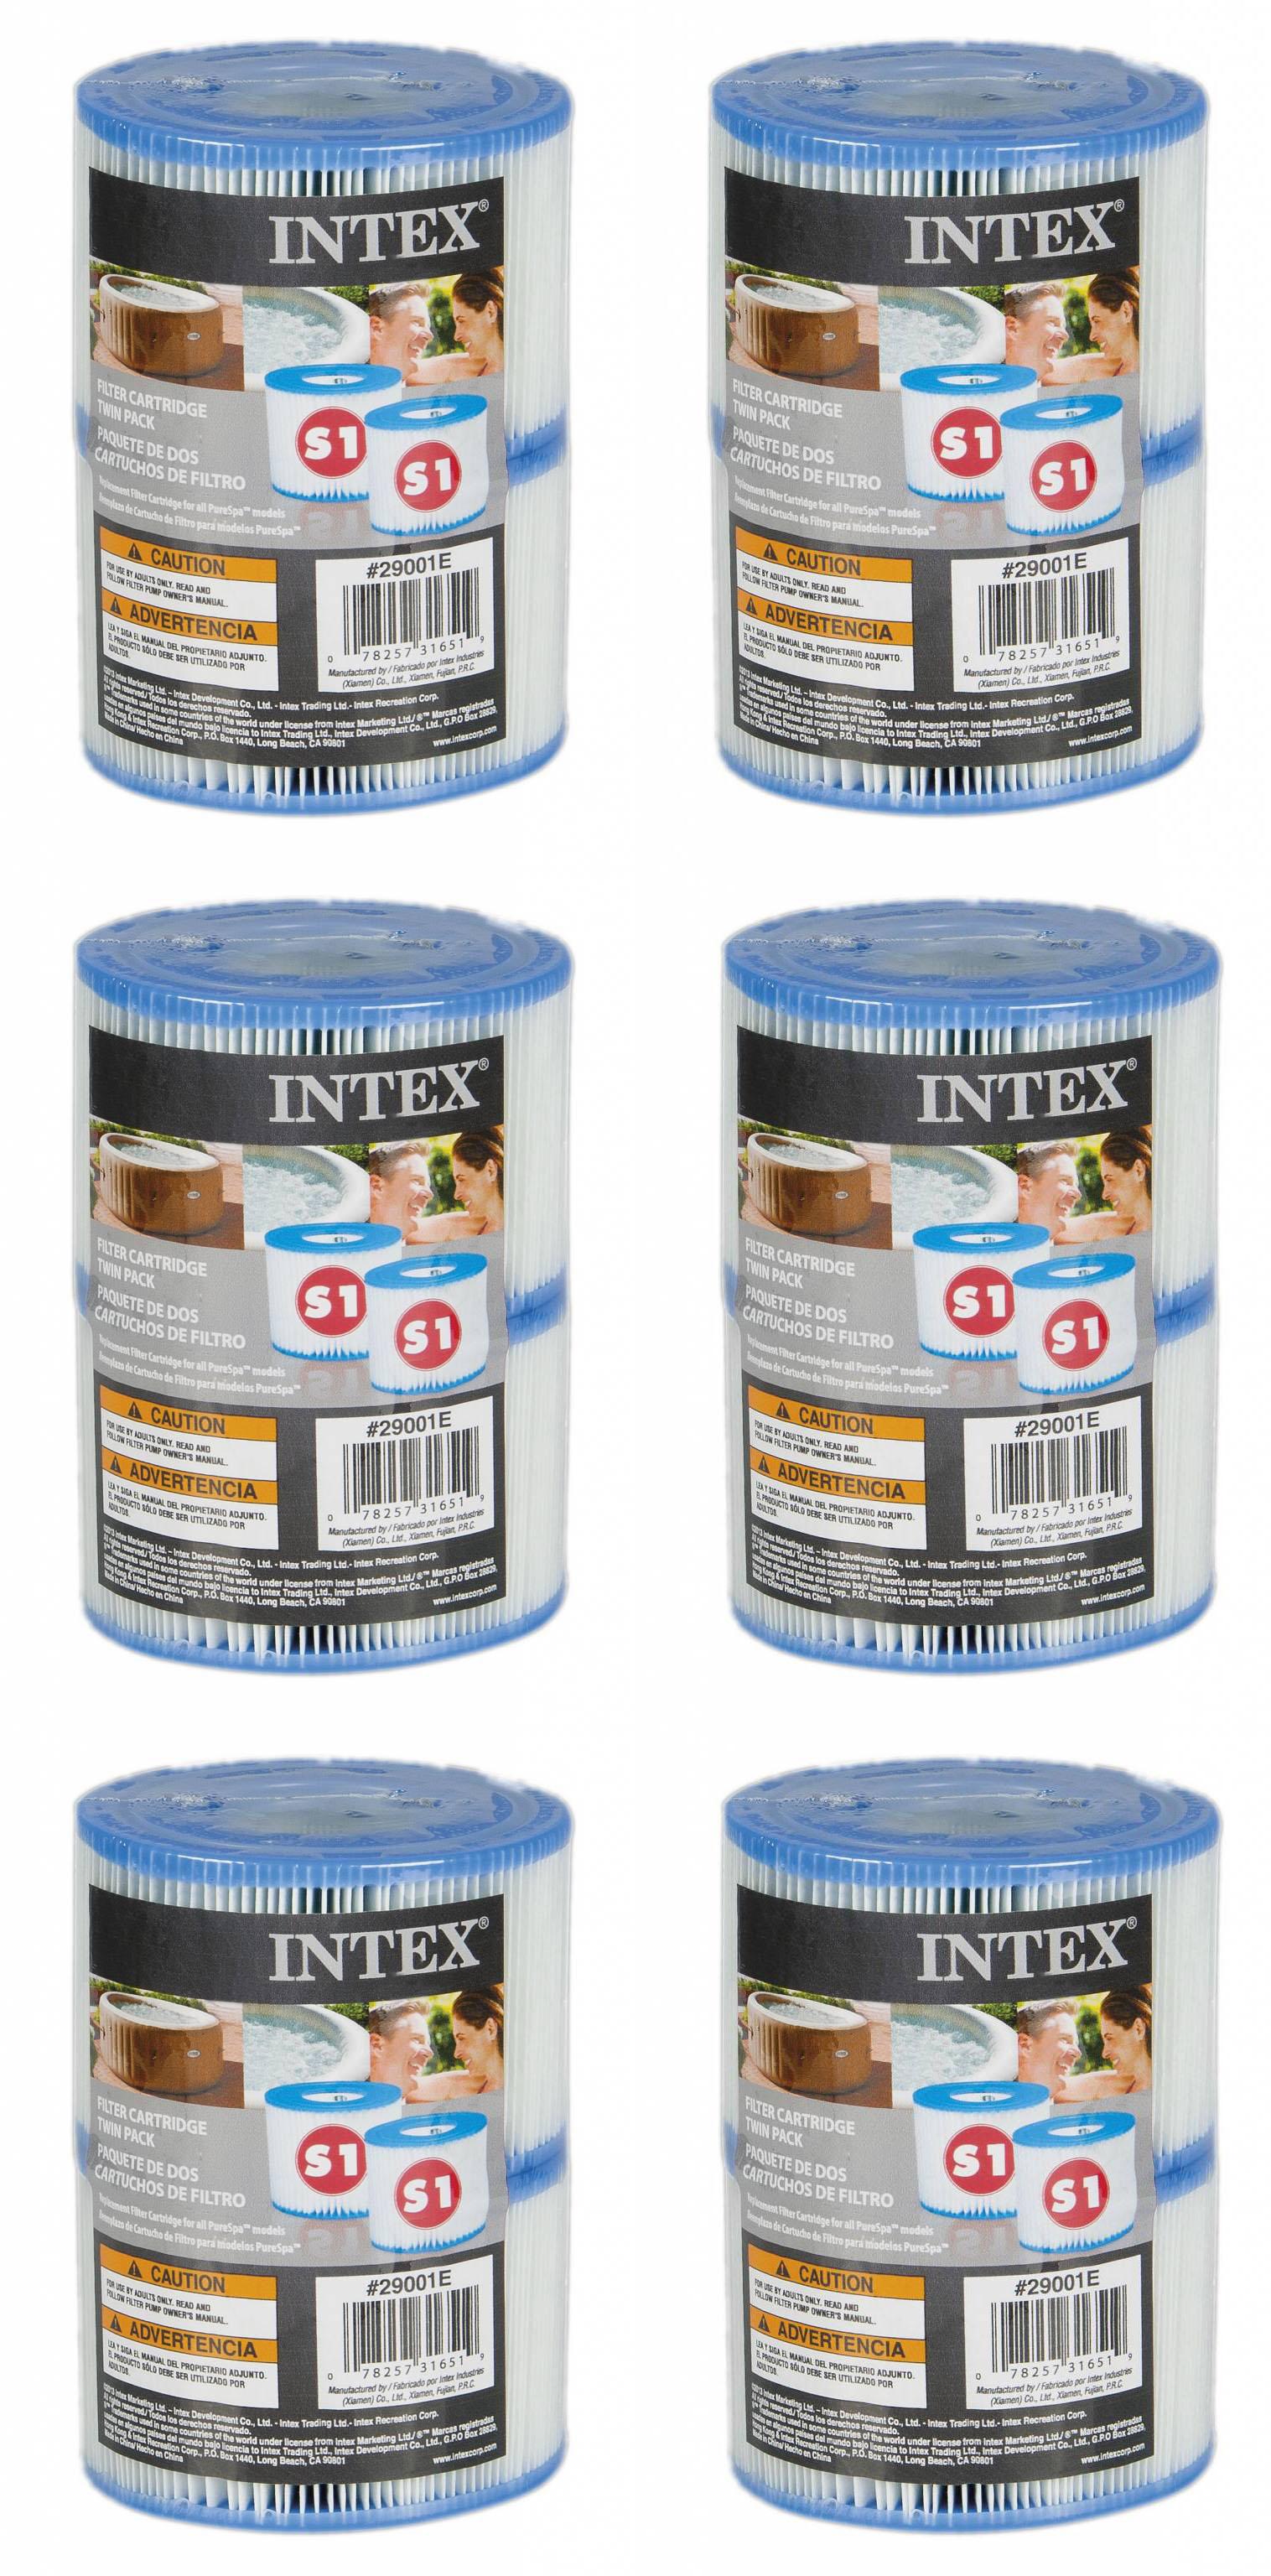 12 x Filterkartusche Spa S1 für Intex Whirlpool INTEX 29001 Filter Versandfrei